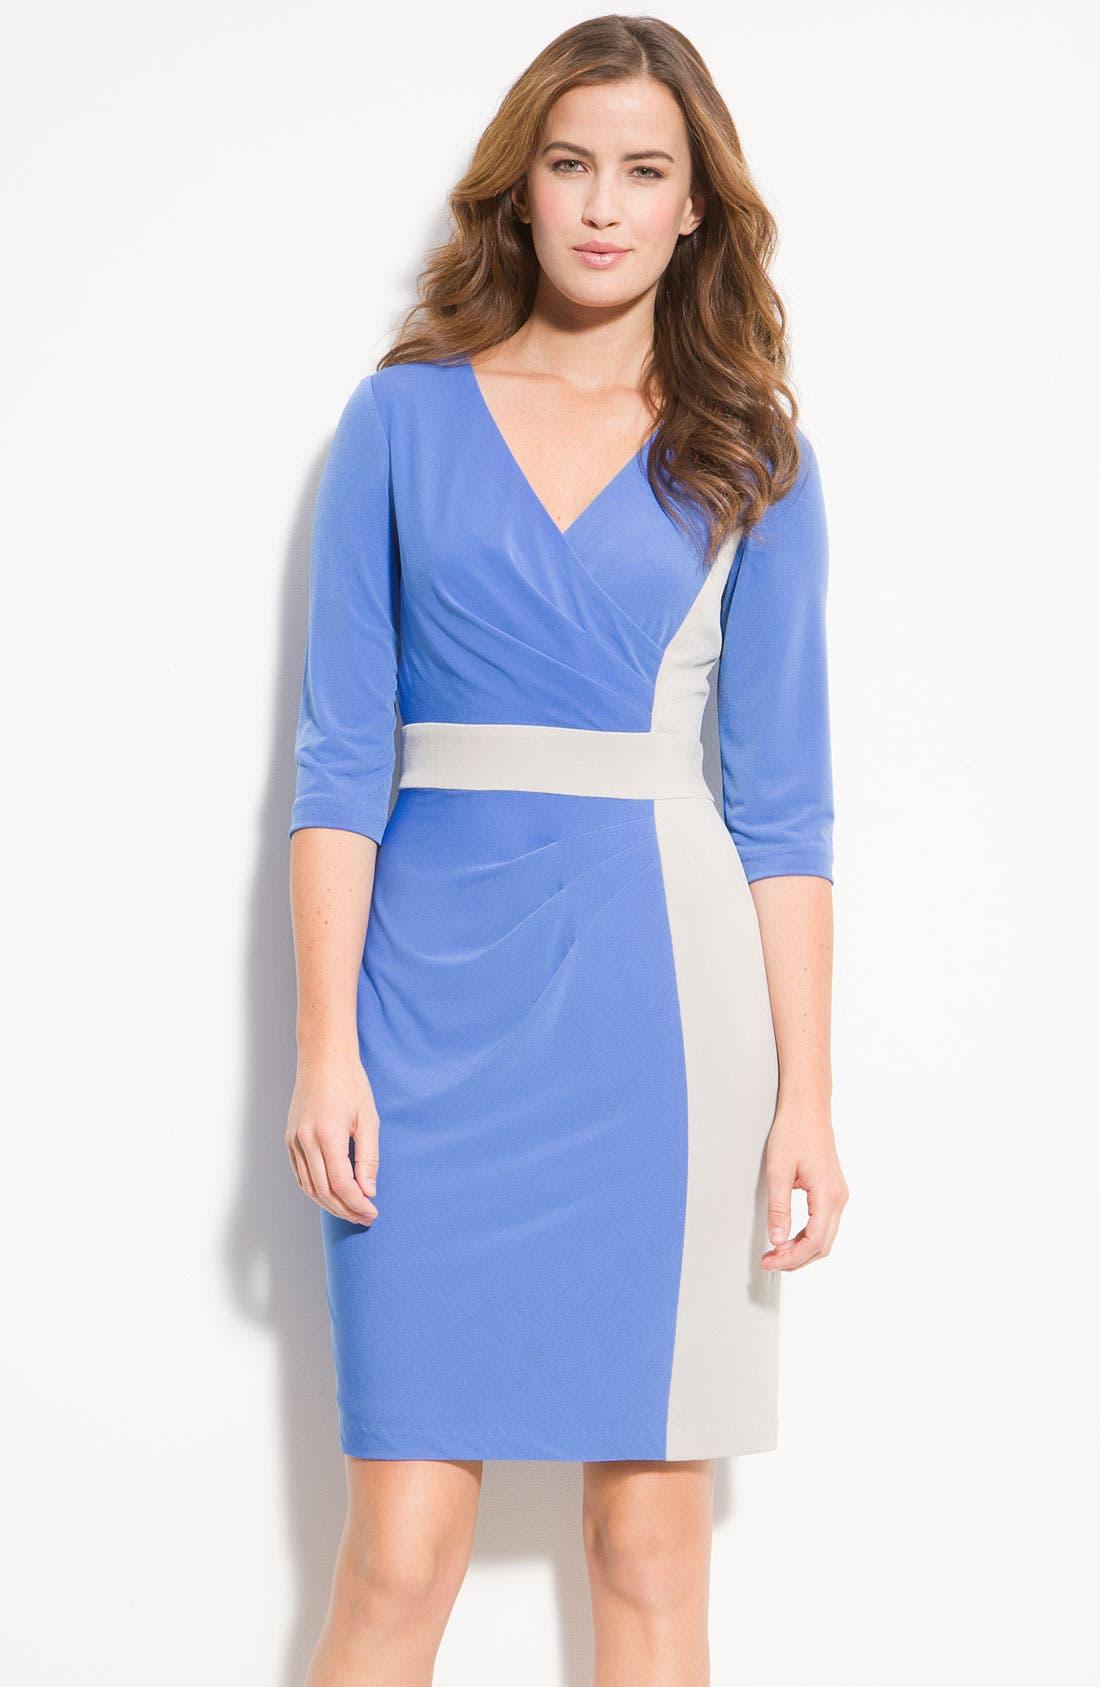 Alternate Image 1 Selected - Donna Ricco Colorblock Surplice Jersey Dress (Petite)